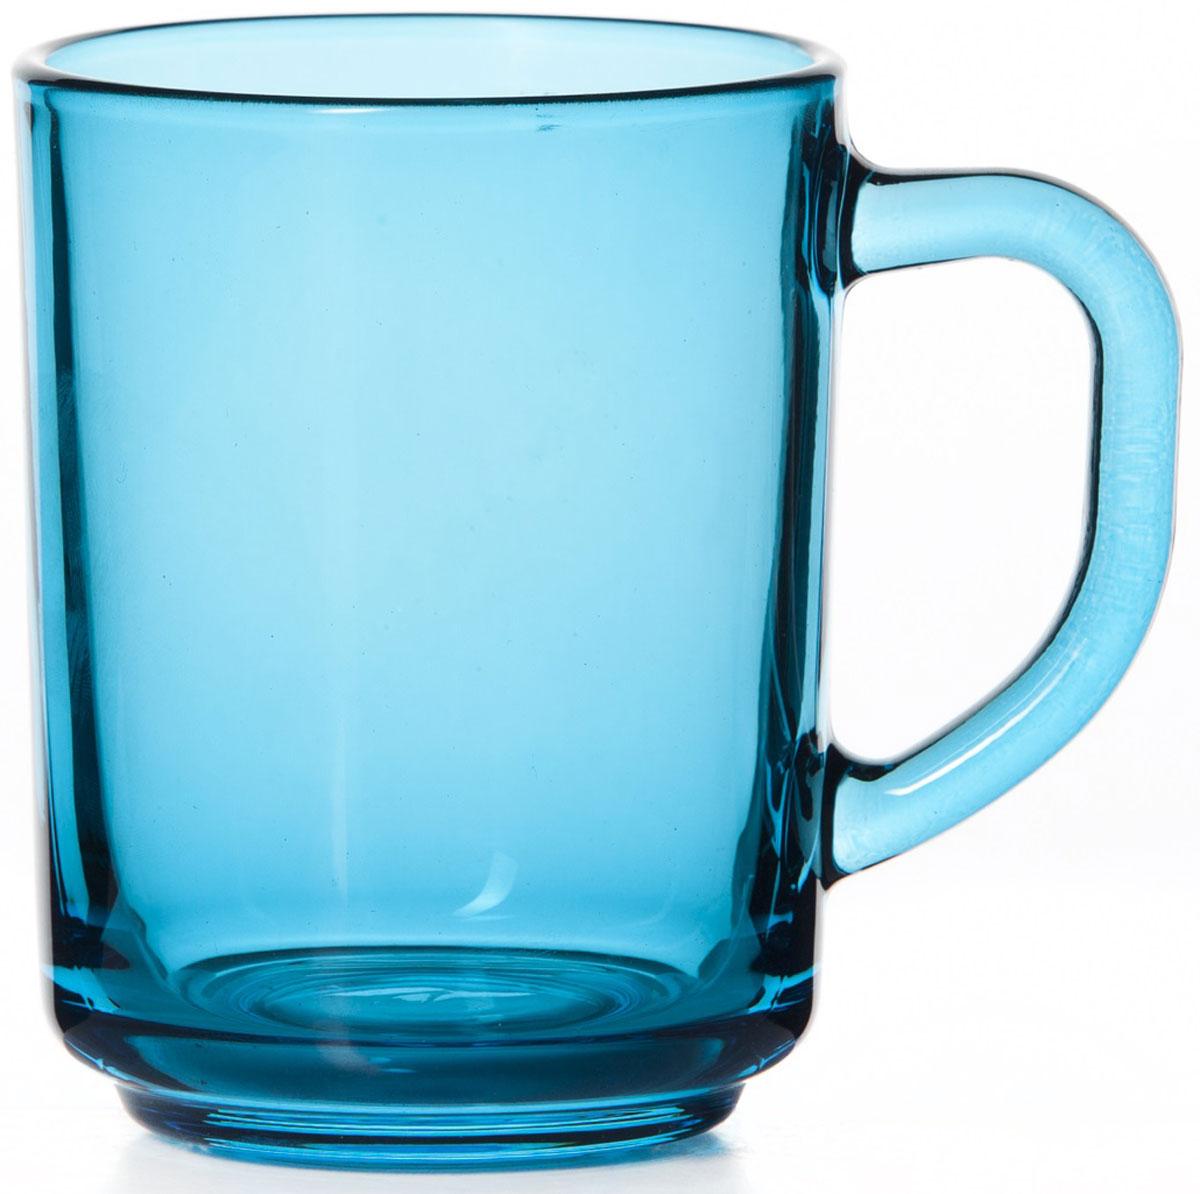 Кружка Pasabahce Энжой Блю, цвет: голубой, 250 мл55029SLBD31Кружка Pasabahce Энжой Блю изготовлена из прозрачного цветного стекла. Изделие идеально подходит для сервировки стола.Кружка не только украсит ваш кухонный стол, но и подчеркнет прекрасный вкус хозяйки. Диаметр кружки (по верхнему краю): 8 см. Высота кружки: 9,5 см. Объем кружки: 340 мл.